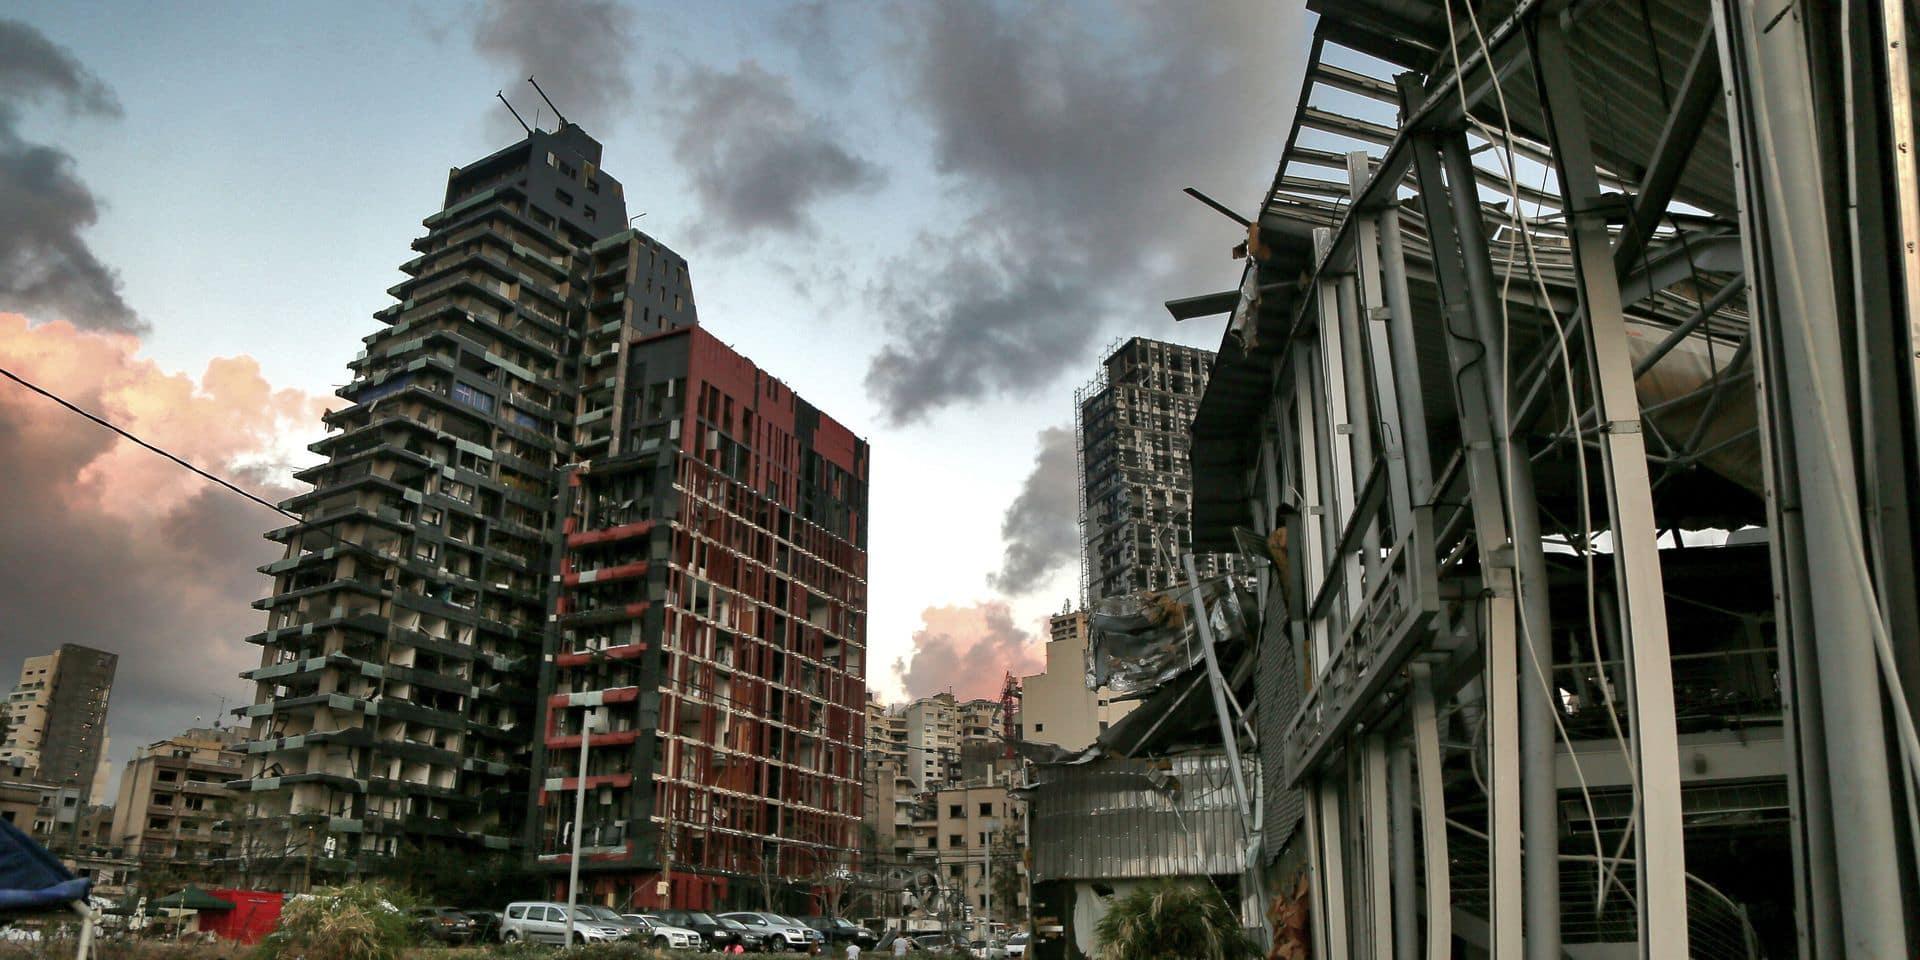 Les Libanais en colère contre leurs dirigeants après la double explosion: un nouveau gouvernement pourra-t-il résoudre la crise?